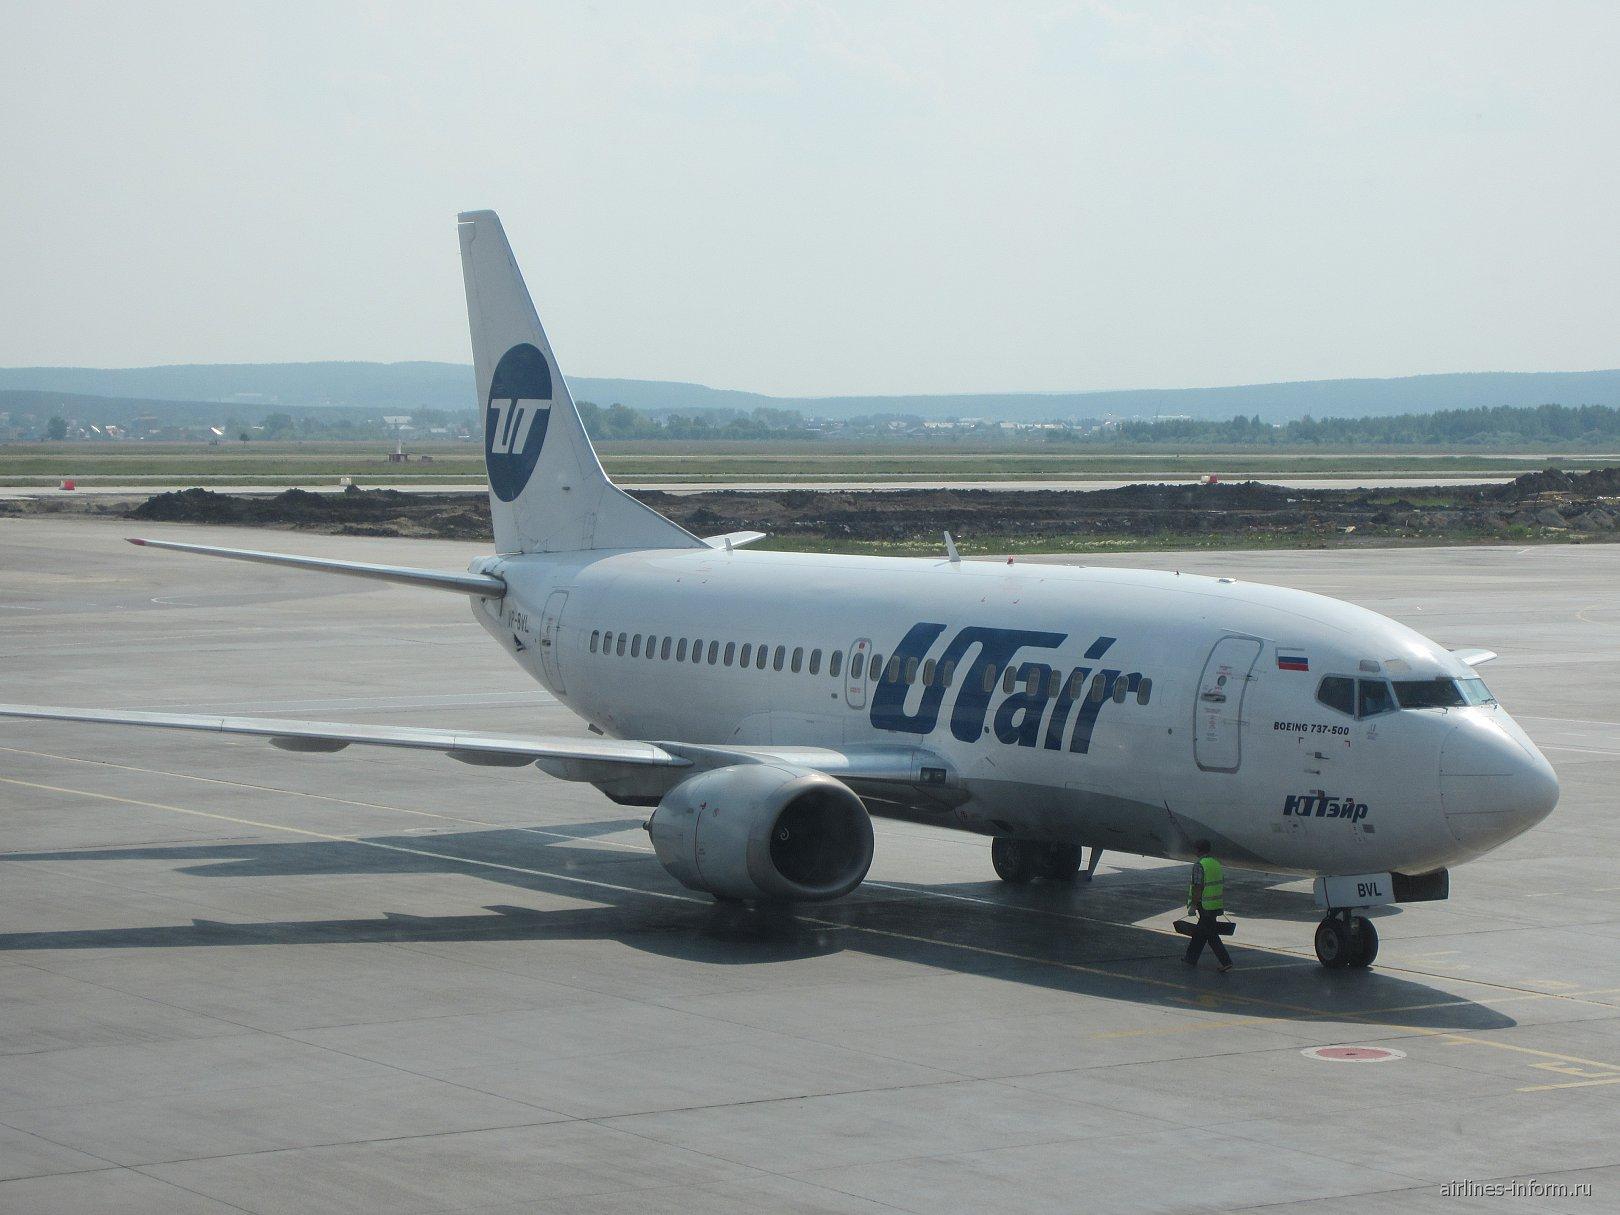 Боинг-737-500 авиакомпании ЮТэйр в аэропорту Кольцово